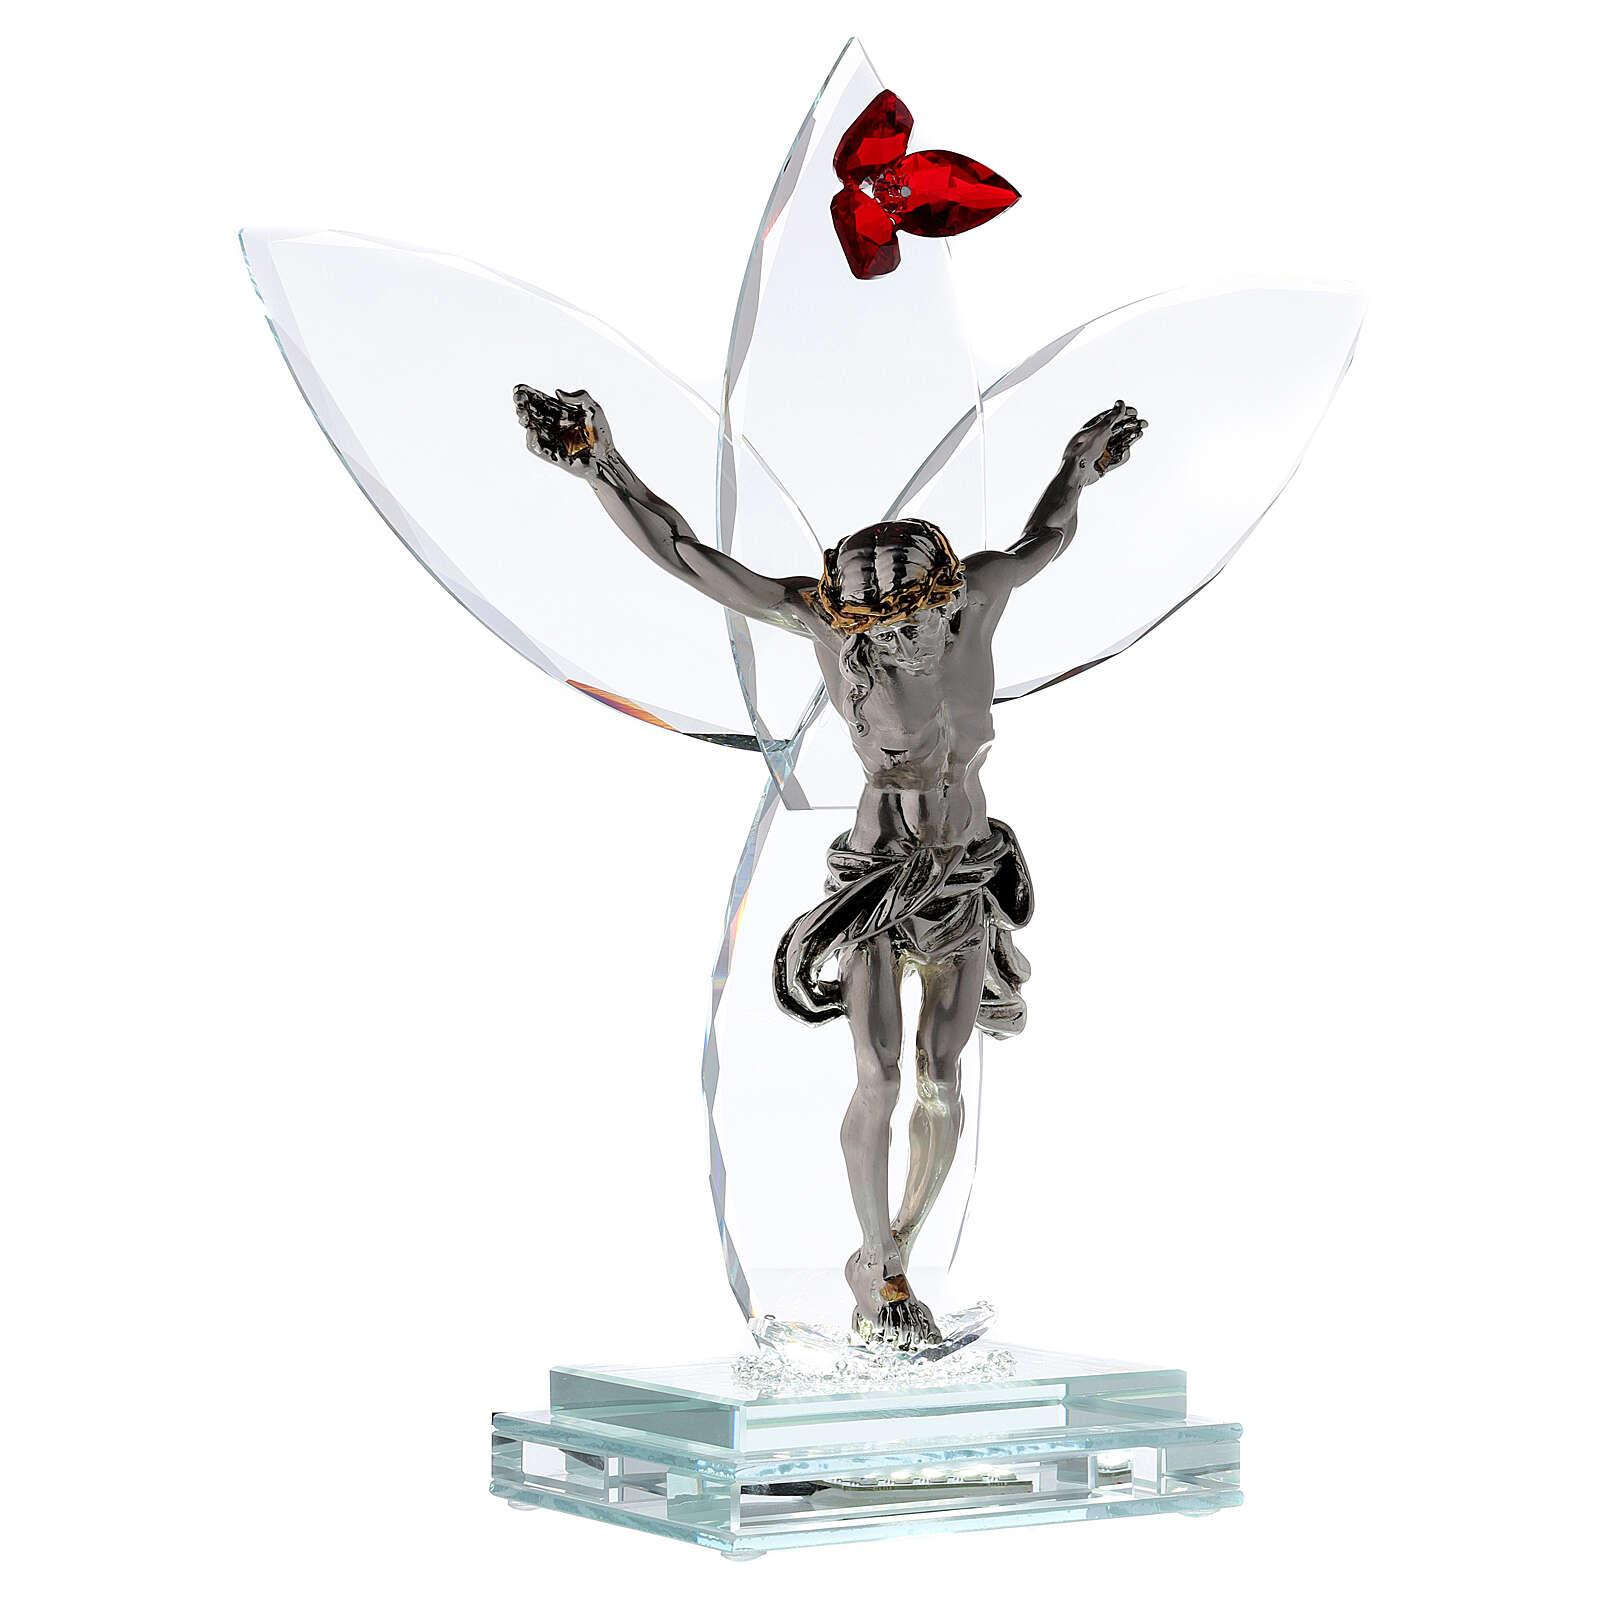 Crocefisso vetro fiore rosso lampada 4